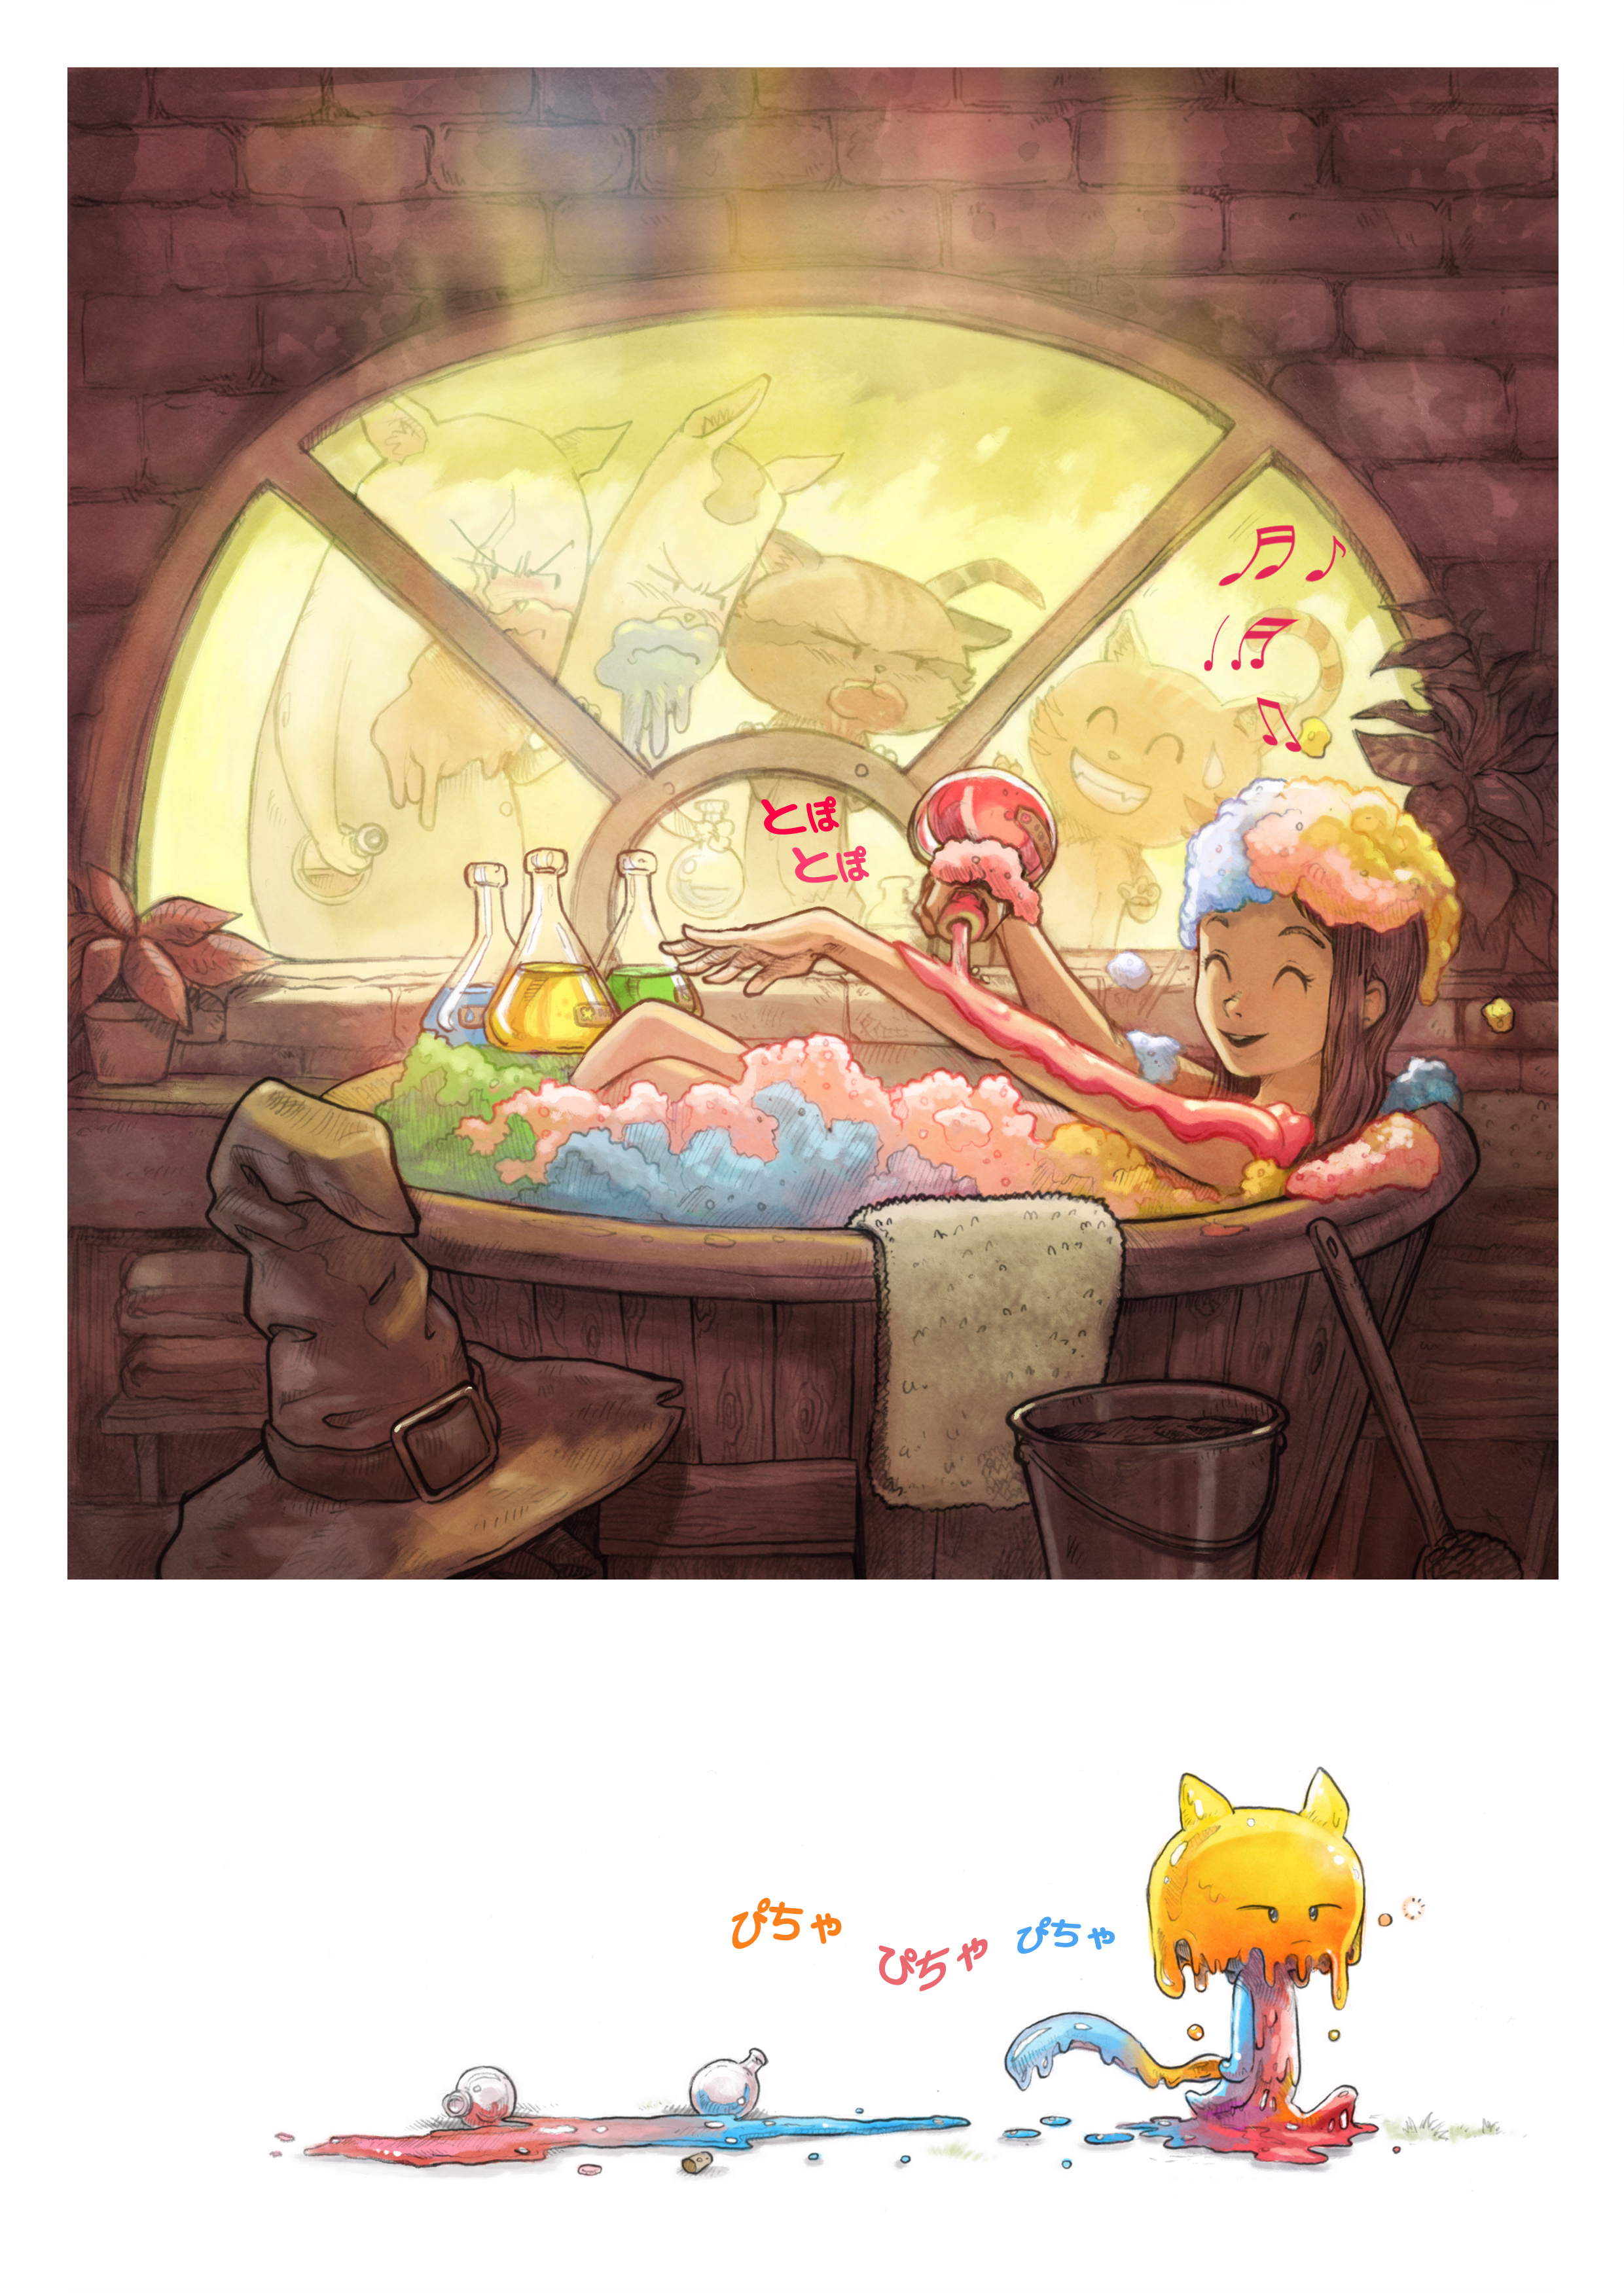 エピソード 2: 虹の薬, ページ 5